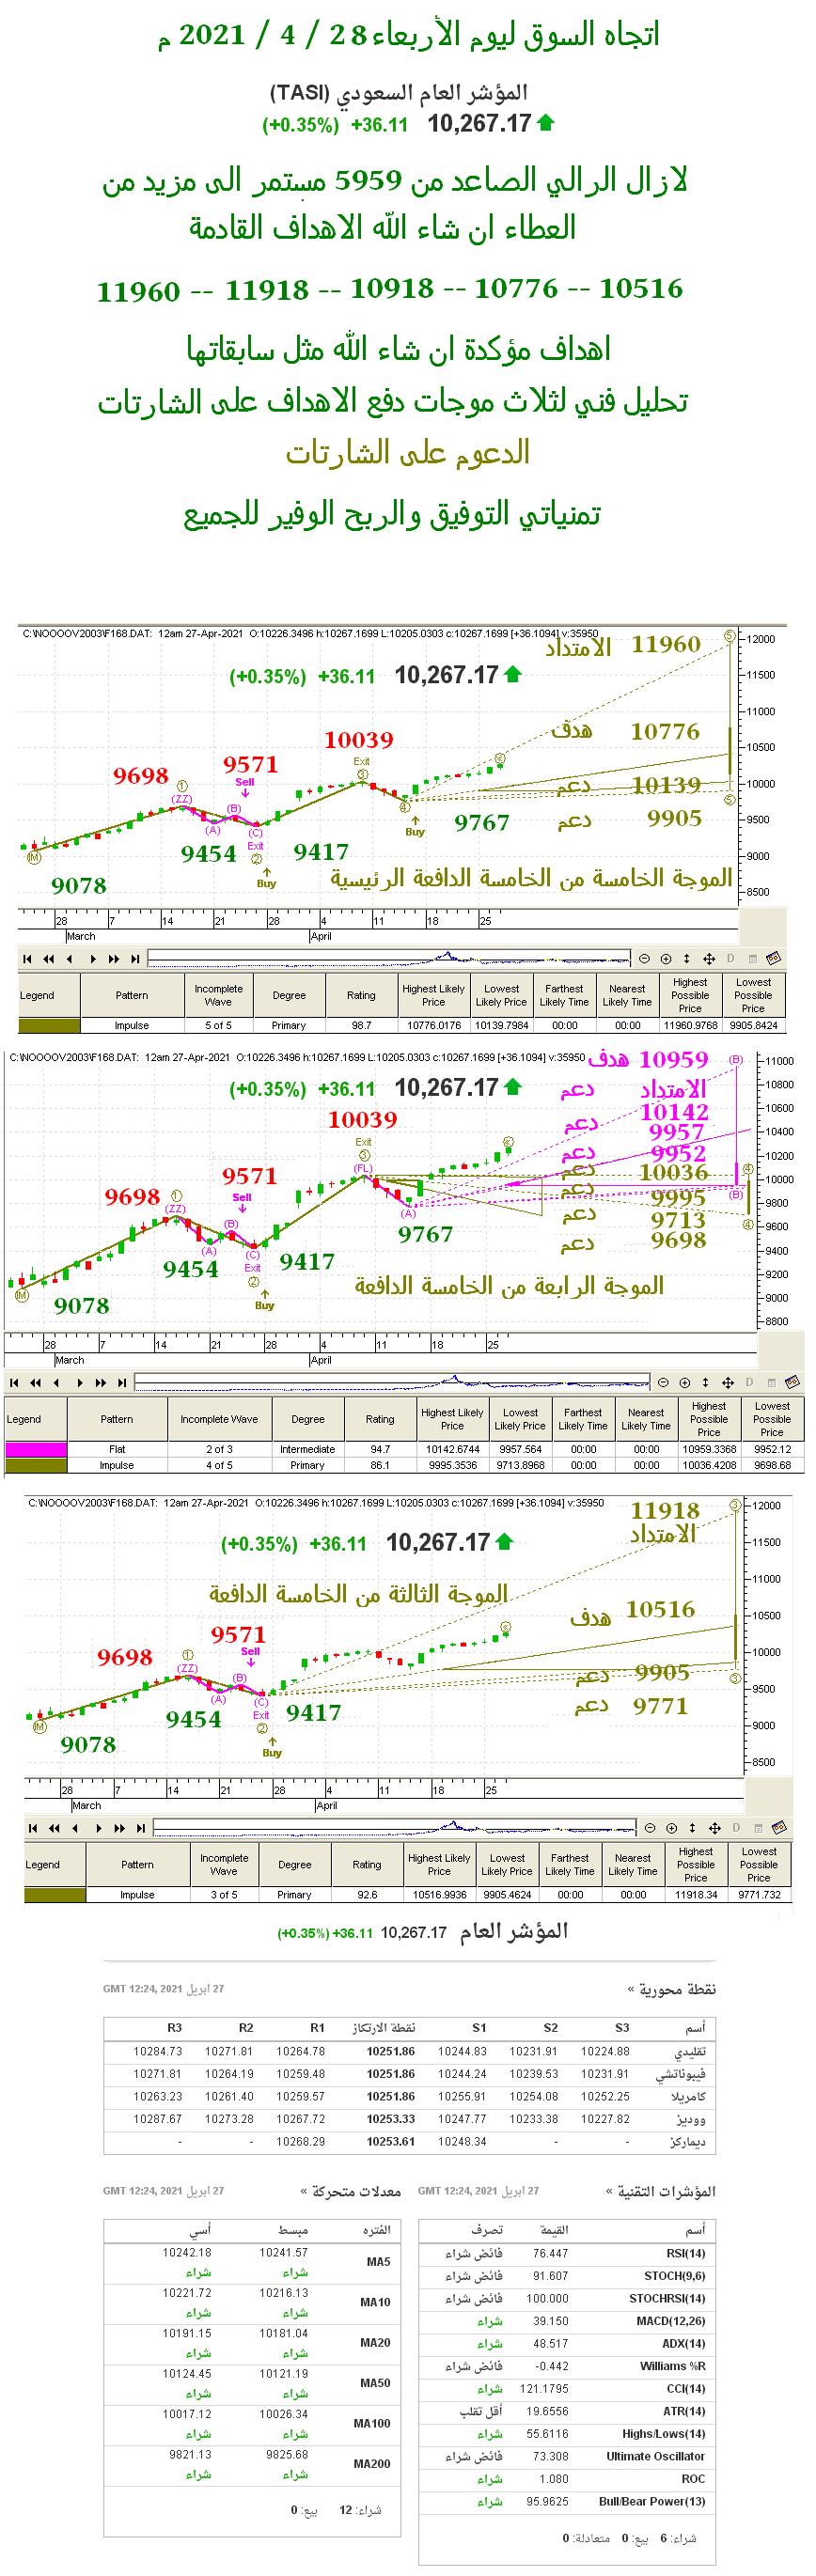 رد: اتجاه السوق ليوم الأربعاء 28 / 4 / 2021 م